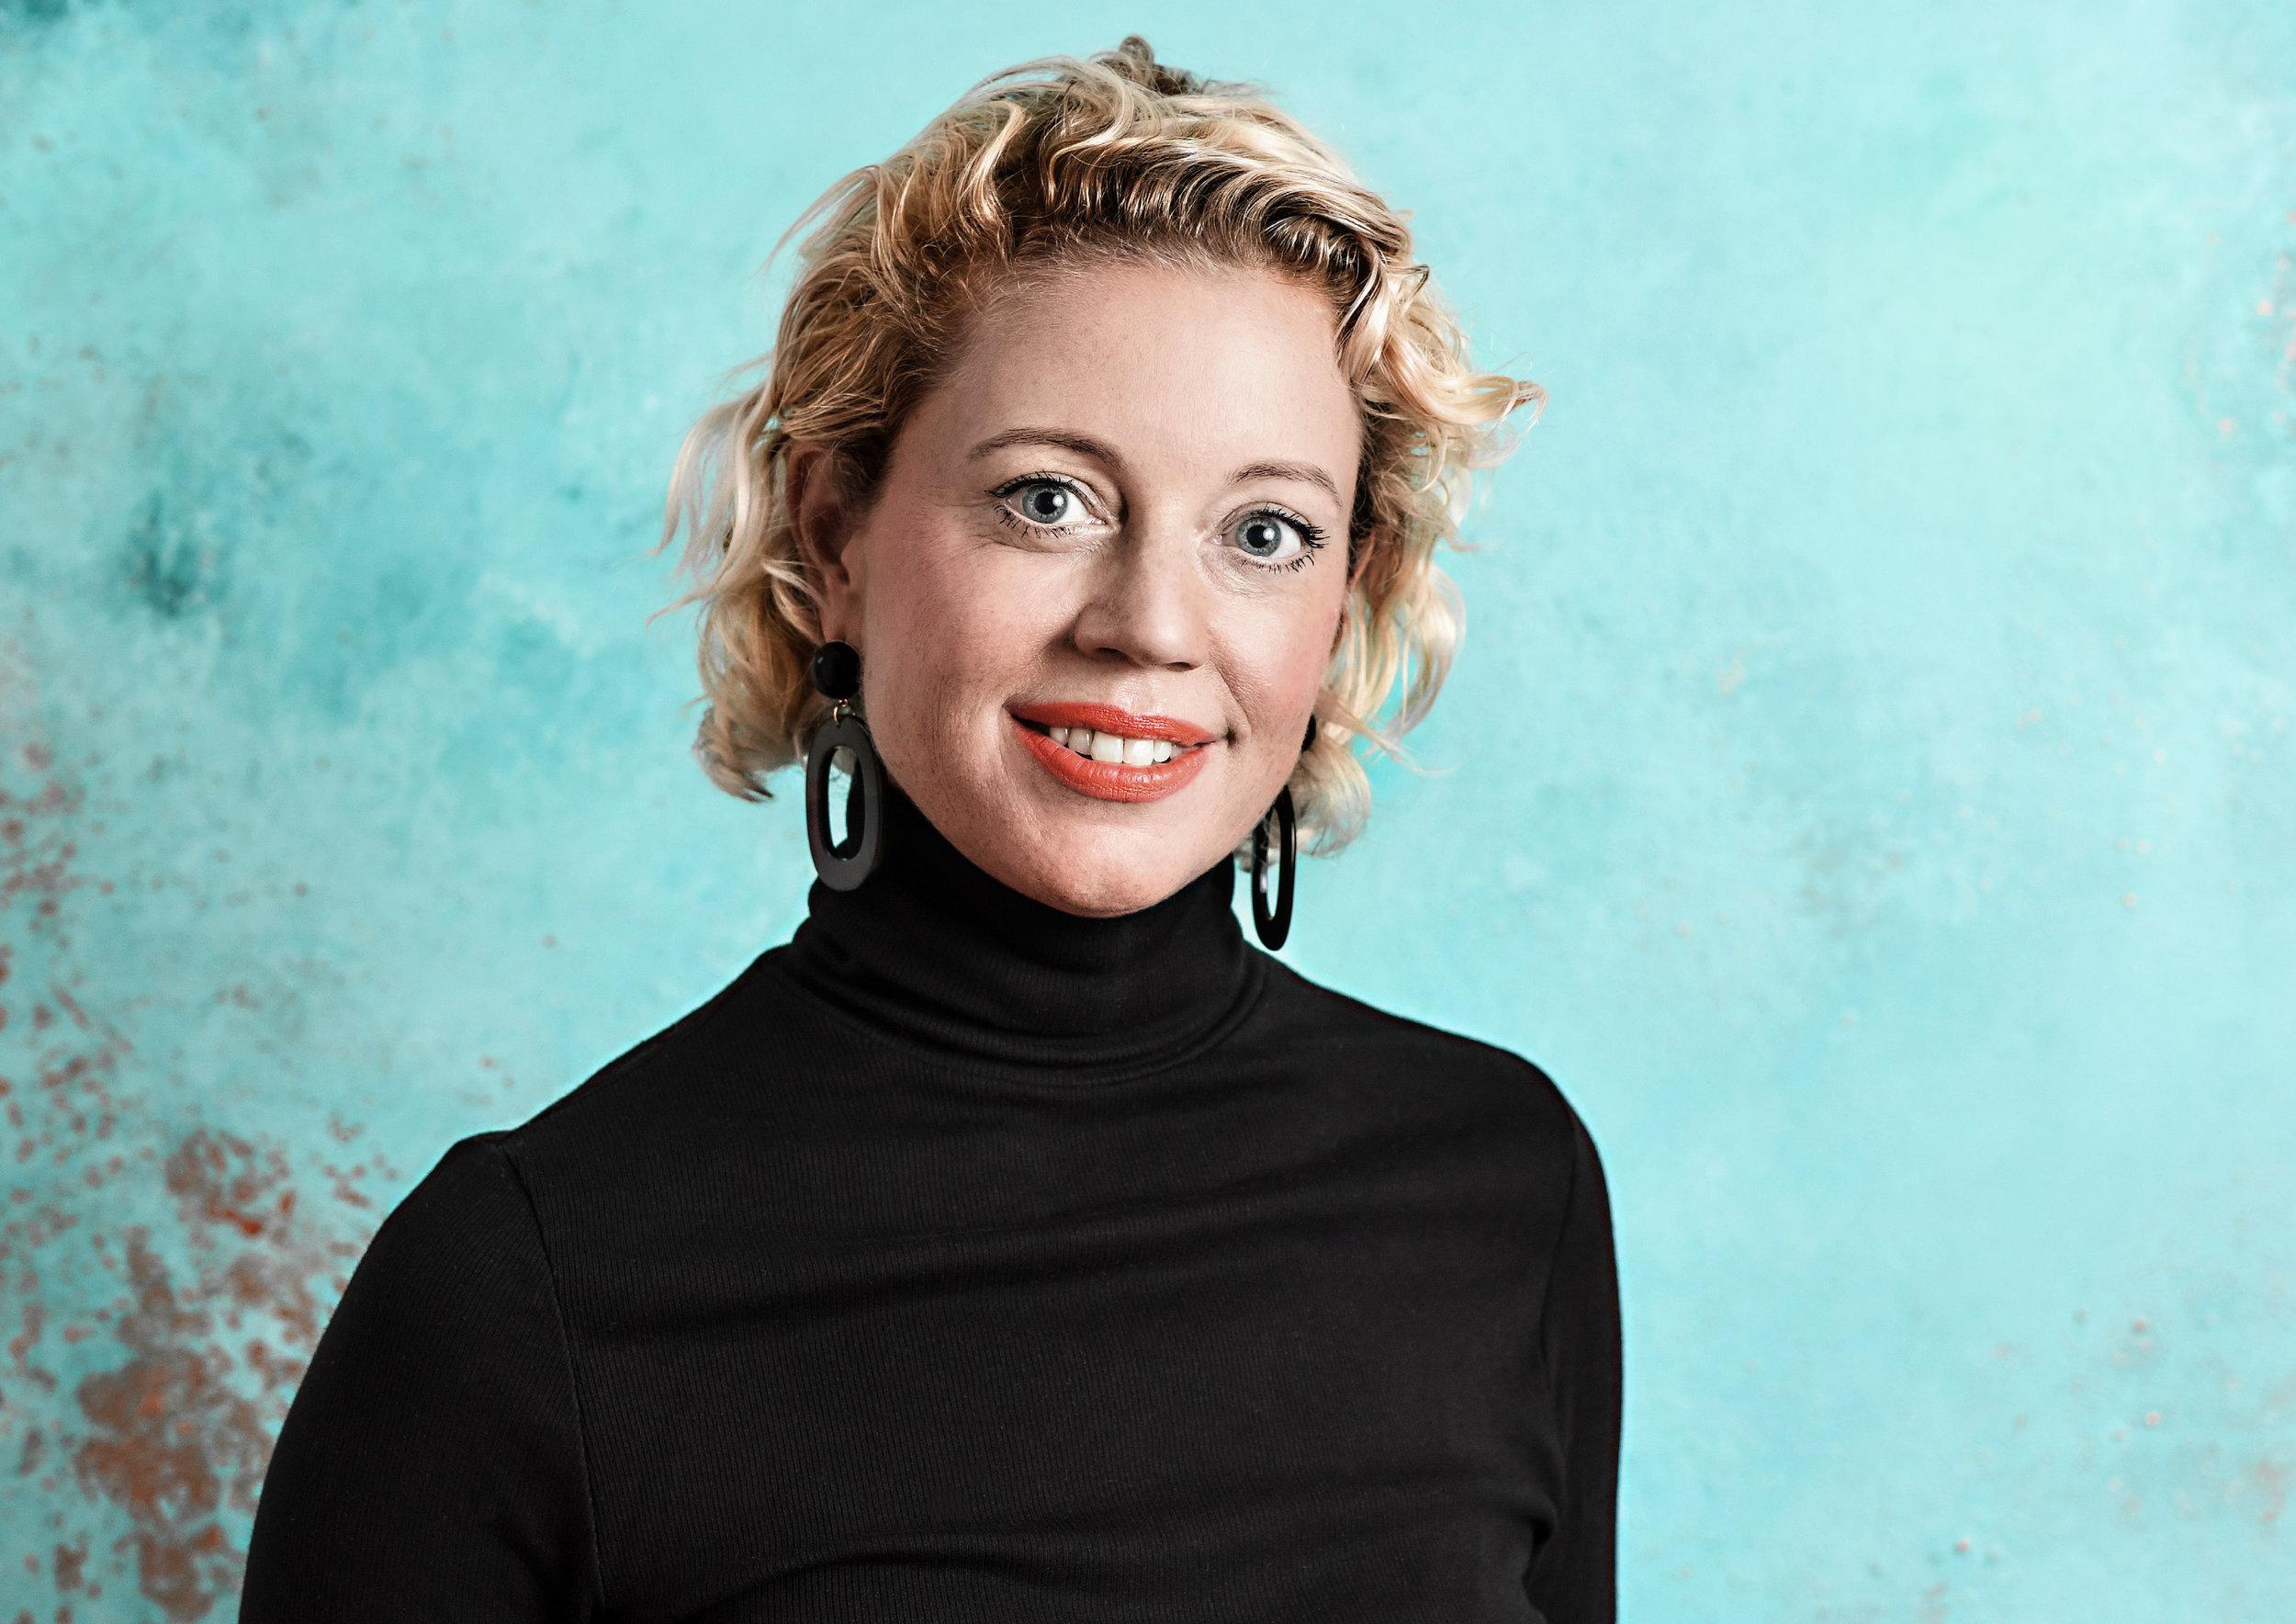 Wiebke Riekenberg, November 2018